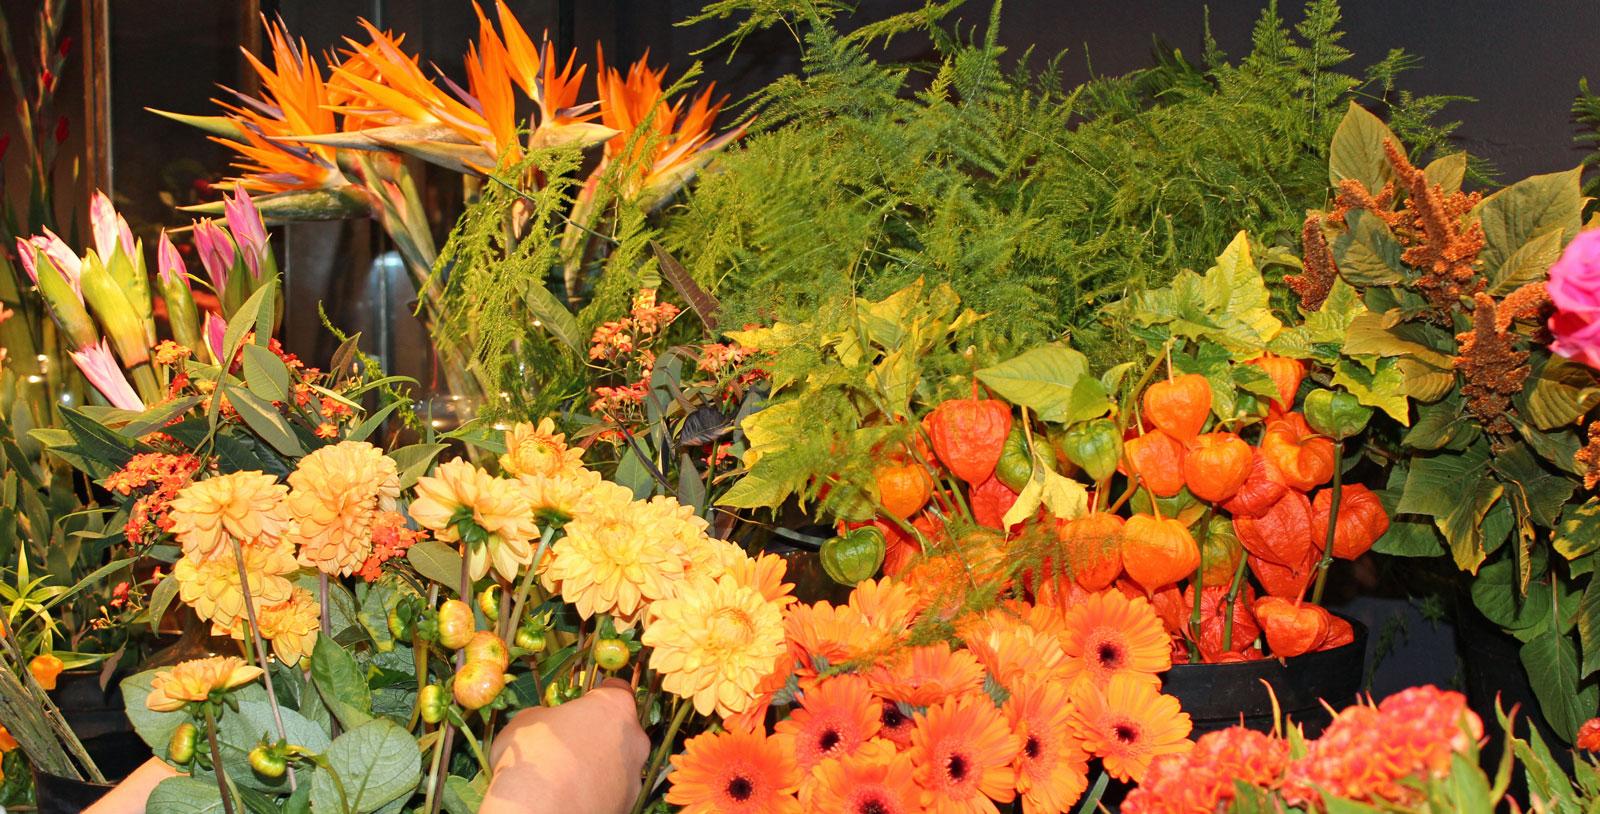 Bestel een mooie bos bloemen bij MJ Bloem